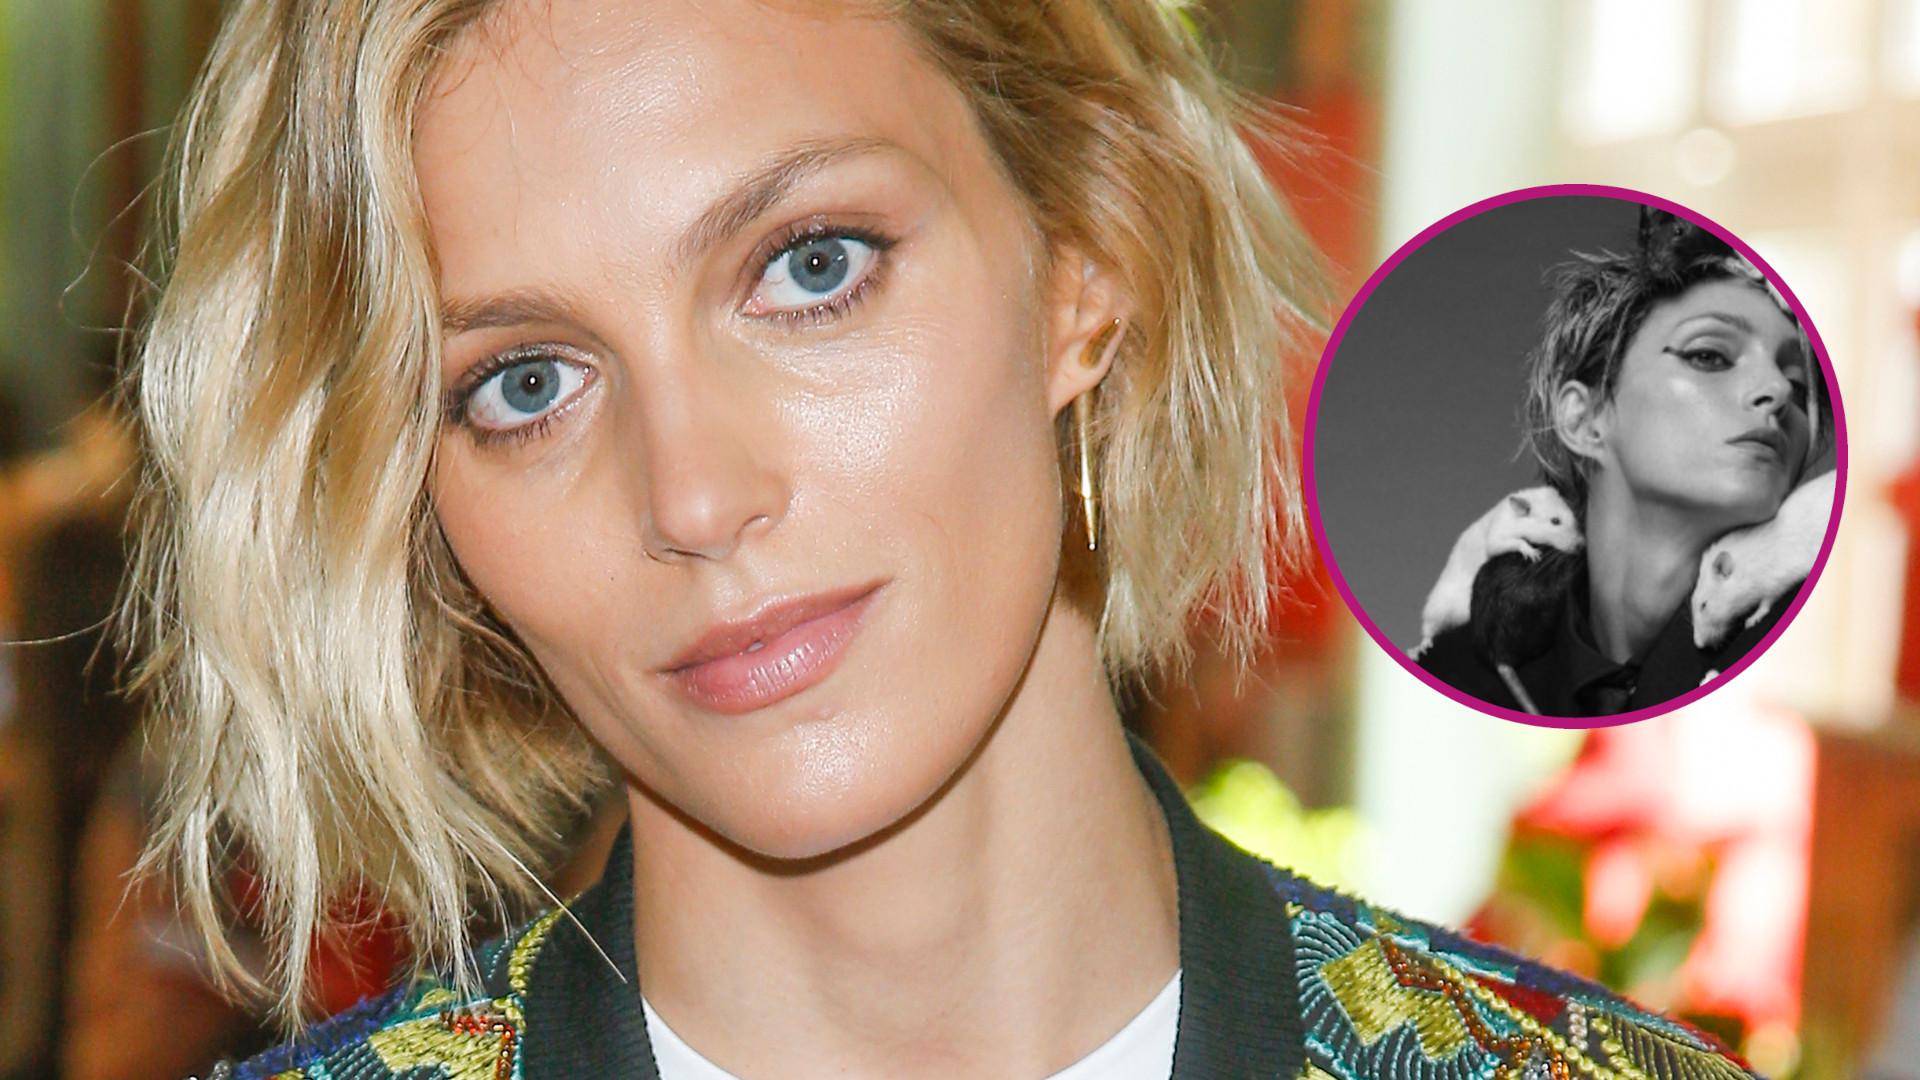 Anja Rubik ze SZCZURAMI na głowie we włoskim Vogue'u. Przerażająca sesja